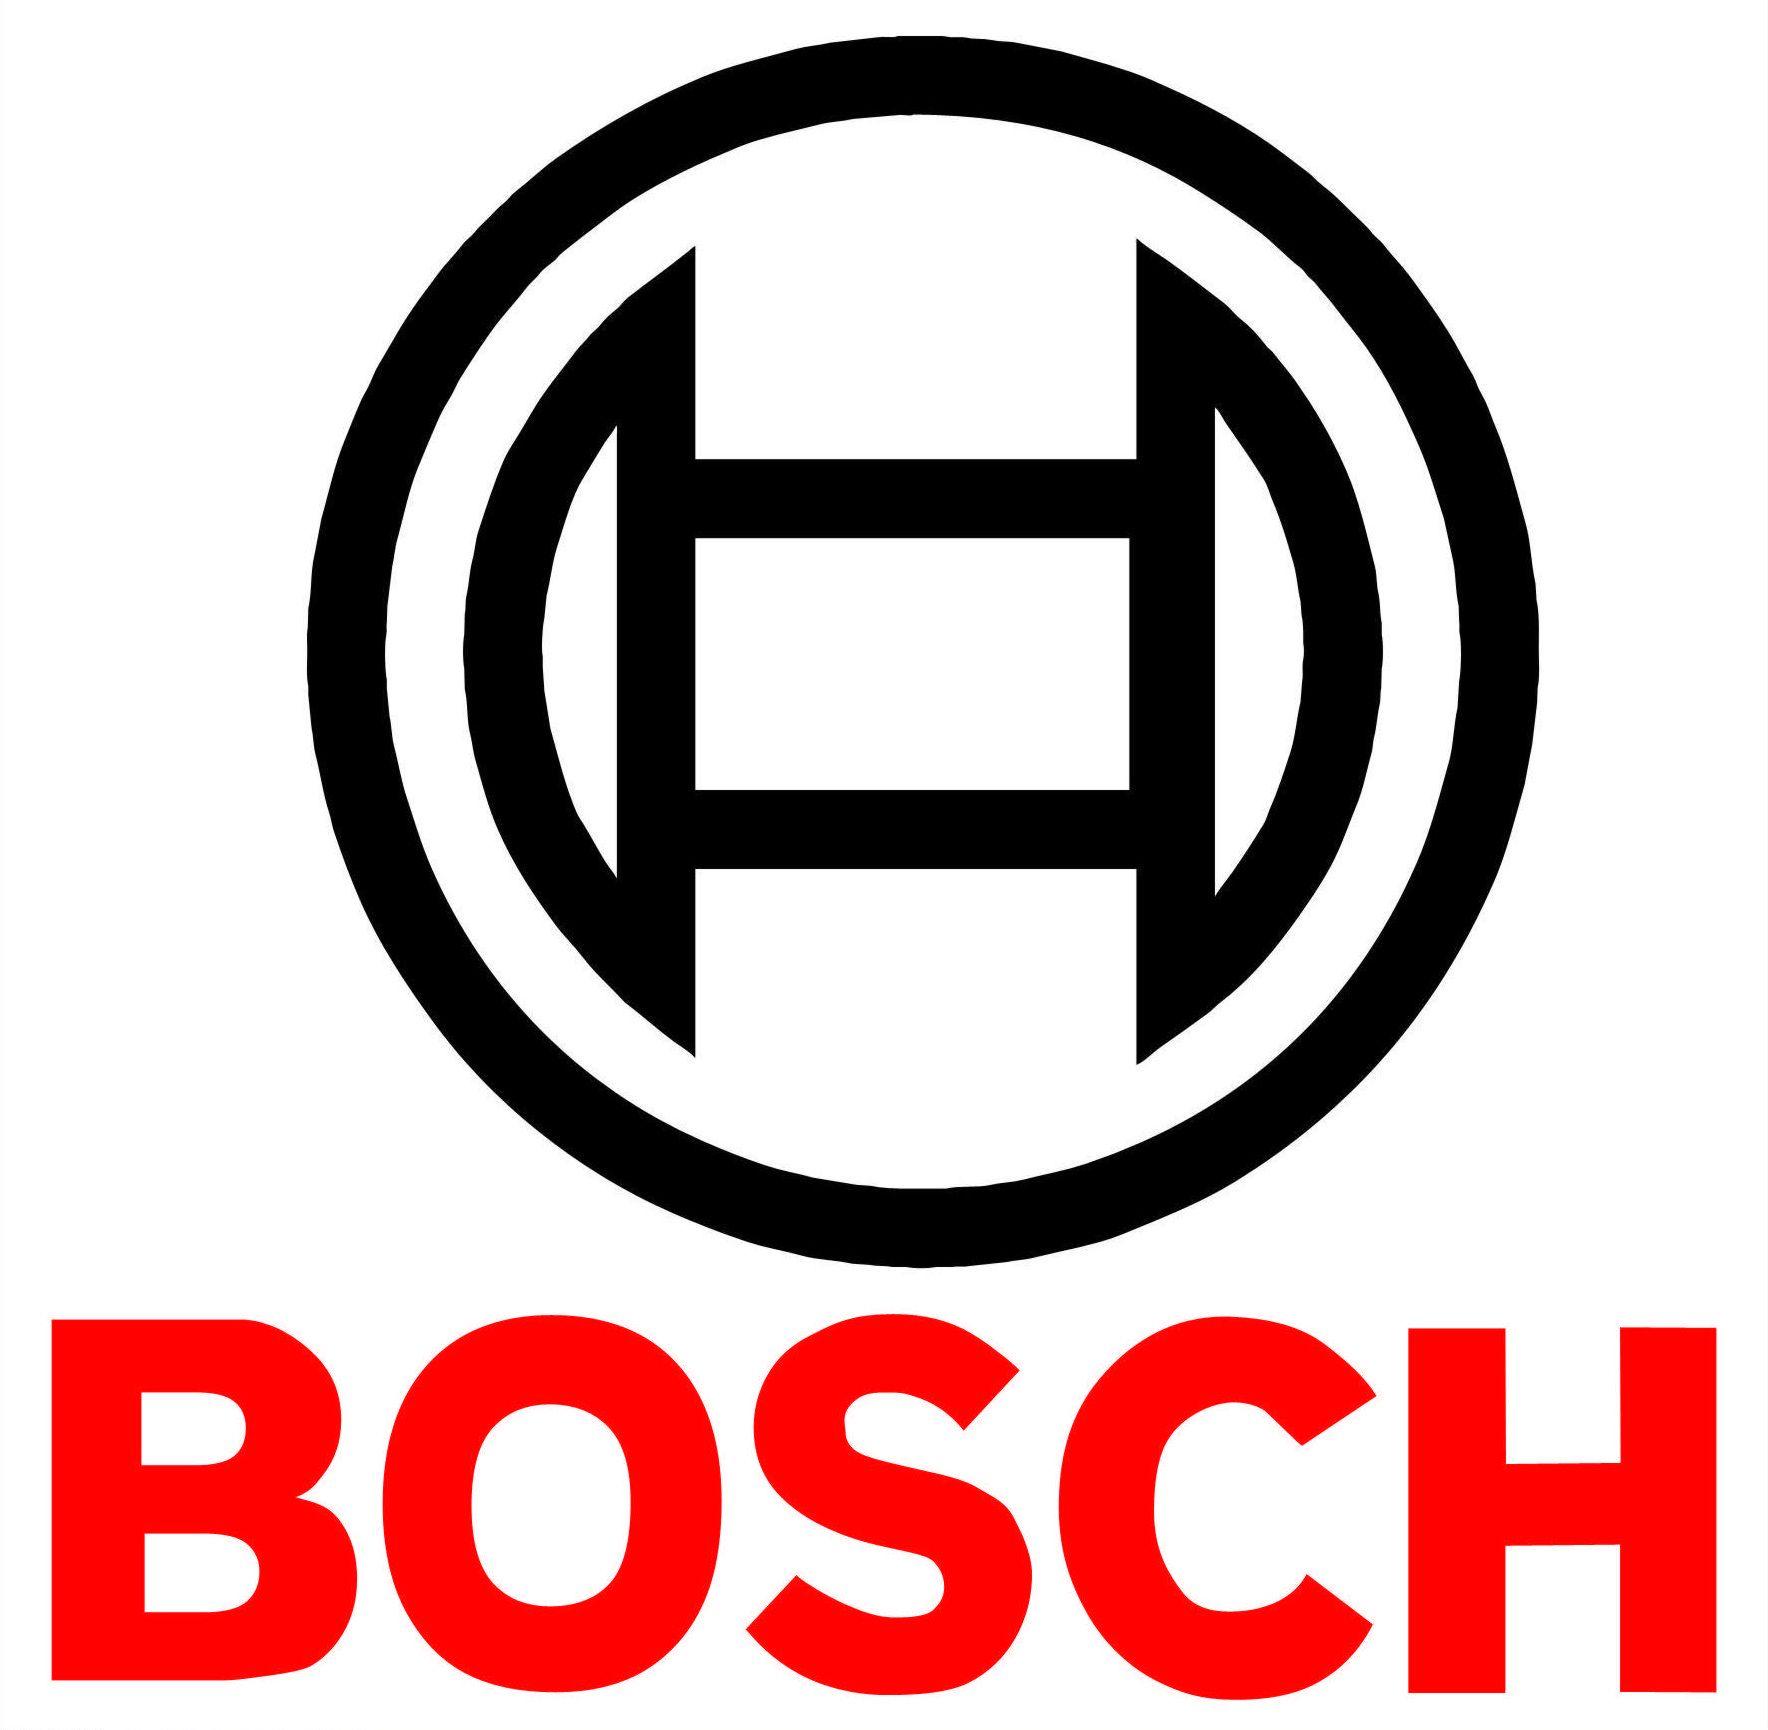 Boschlogo3D.jpg (1768×1730) Online organization